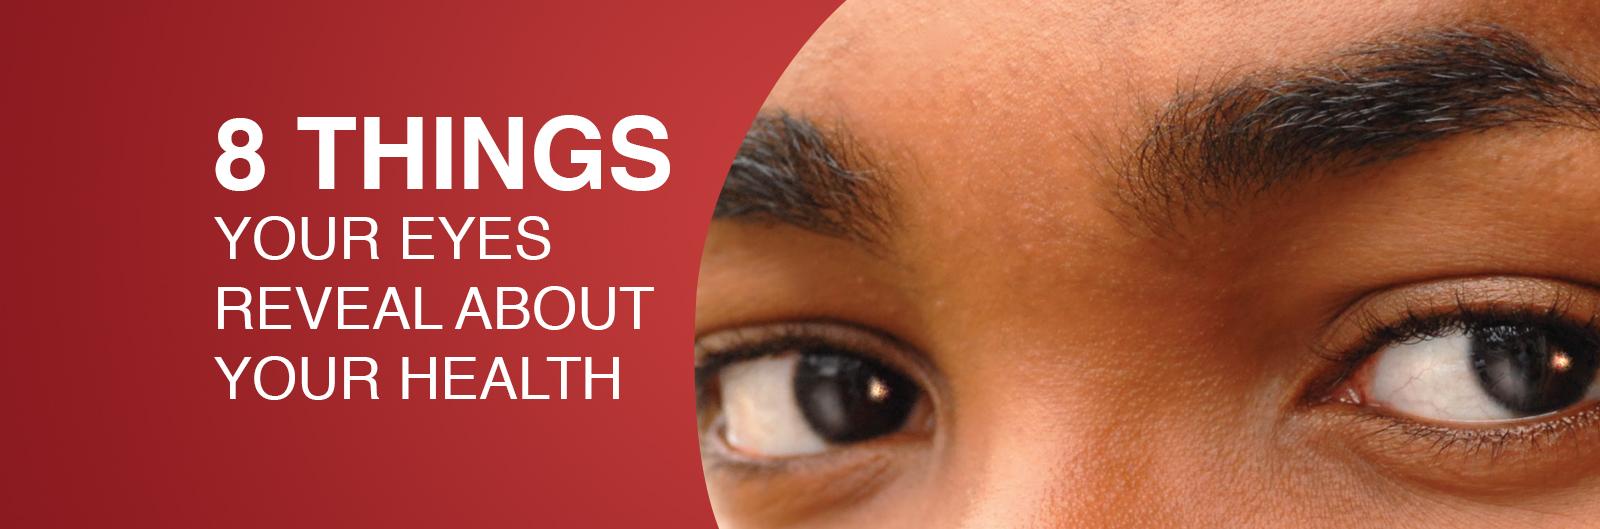 Courts Optical Antigua | Optical Services & Eye Care Center in Antigua